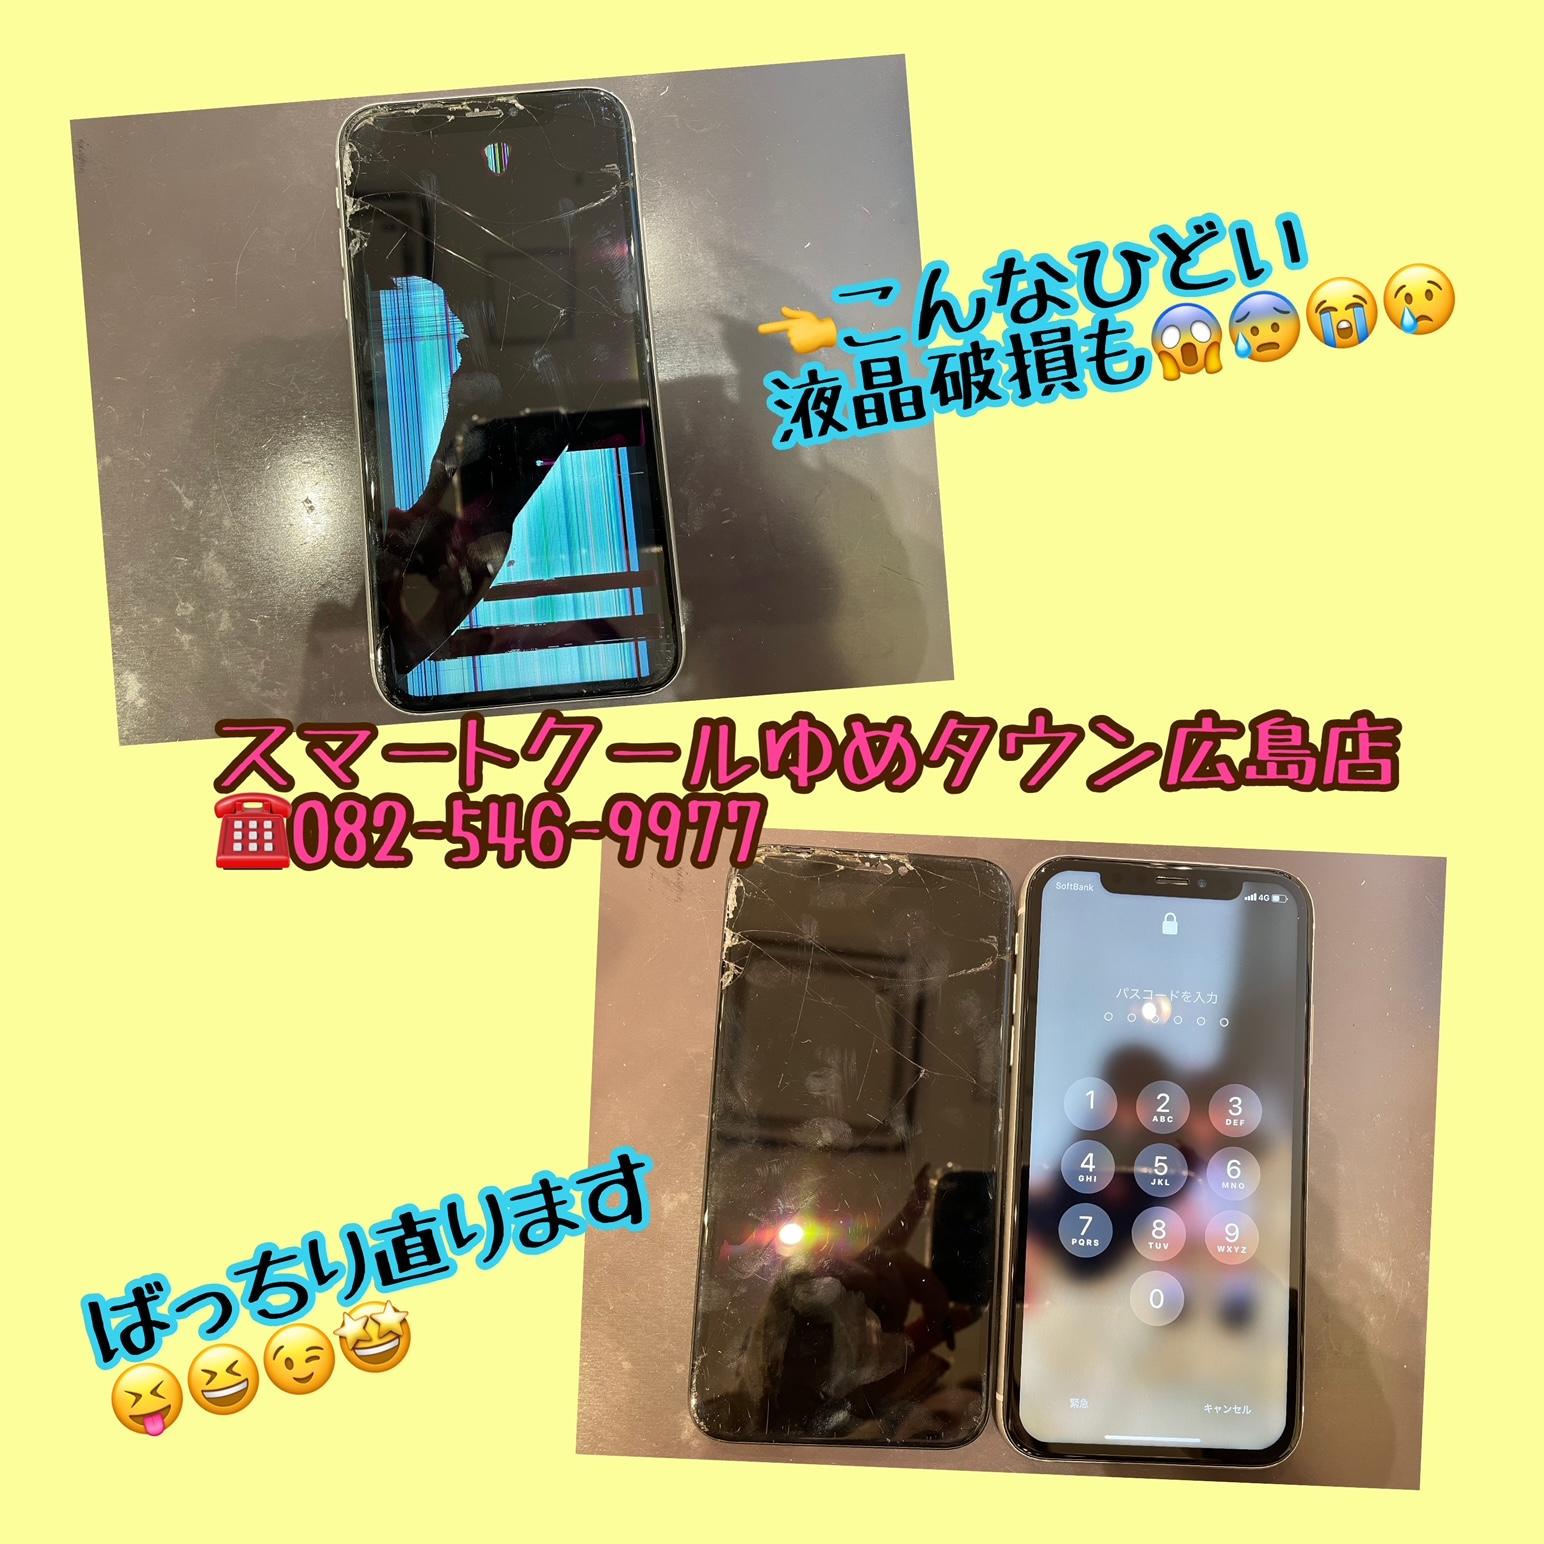 【広島市中区吉島東よりご来店★】iPhoneXRの液晶破損も30分で修理完了です(●^o^●)